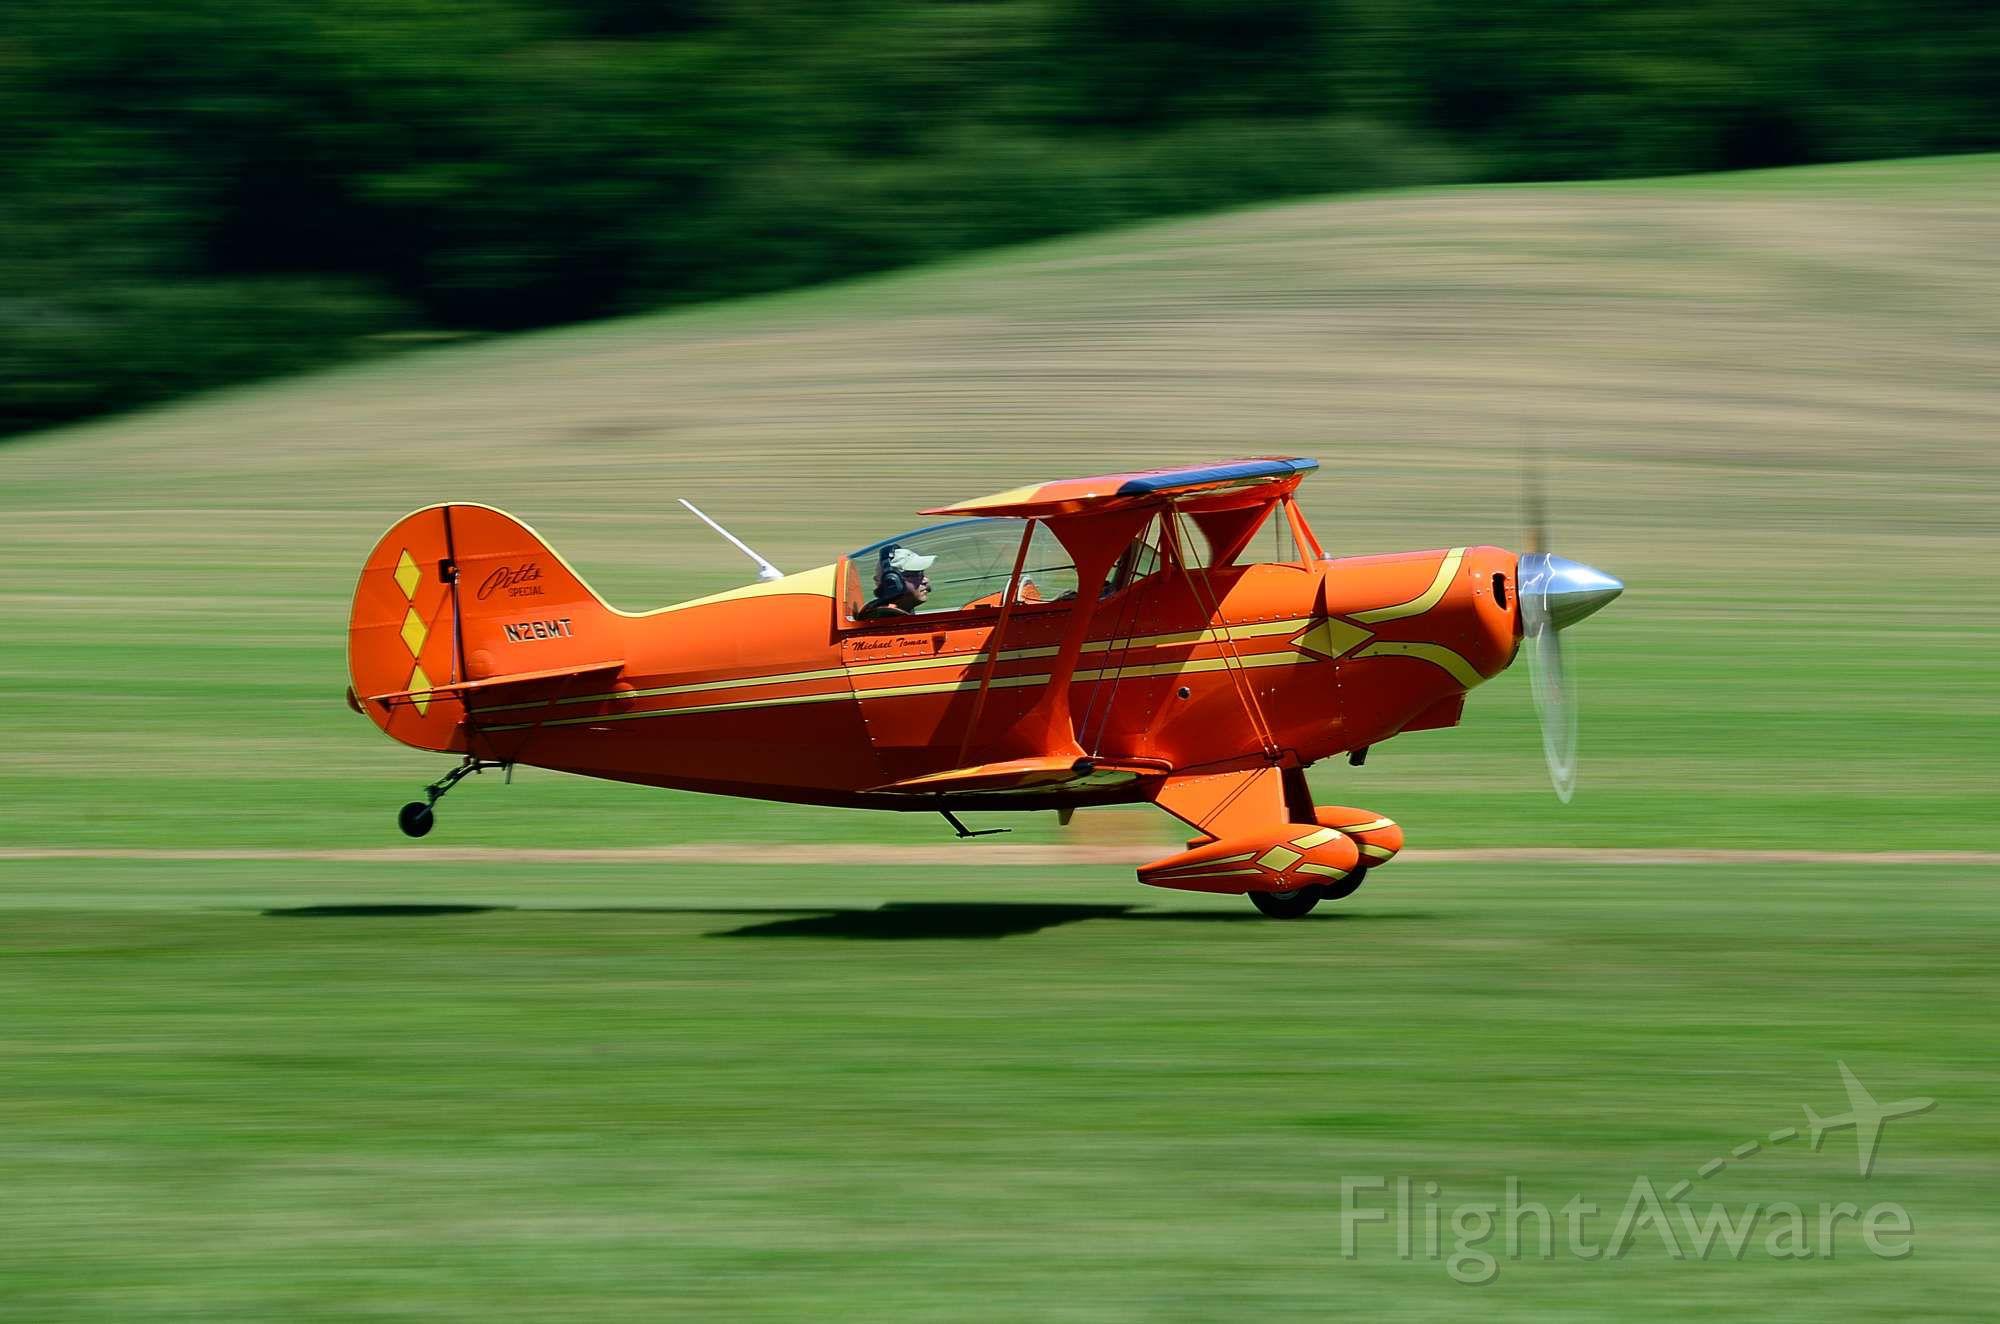 N26MT — - Departing Runway 10